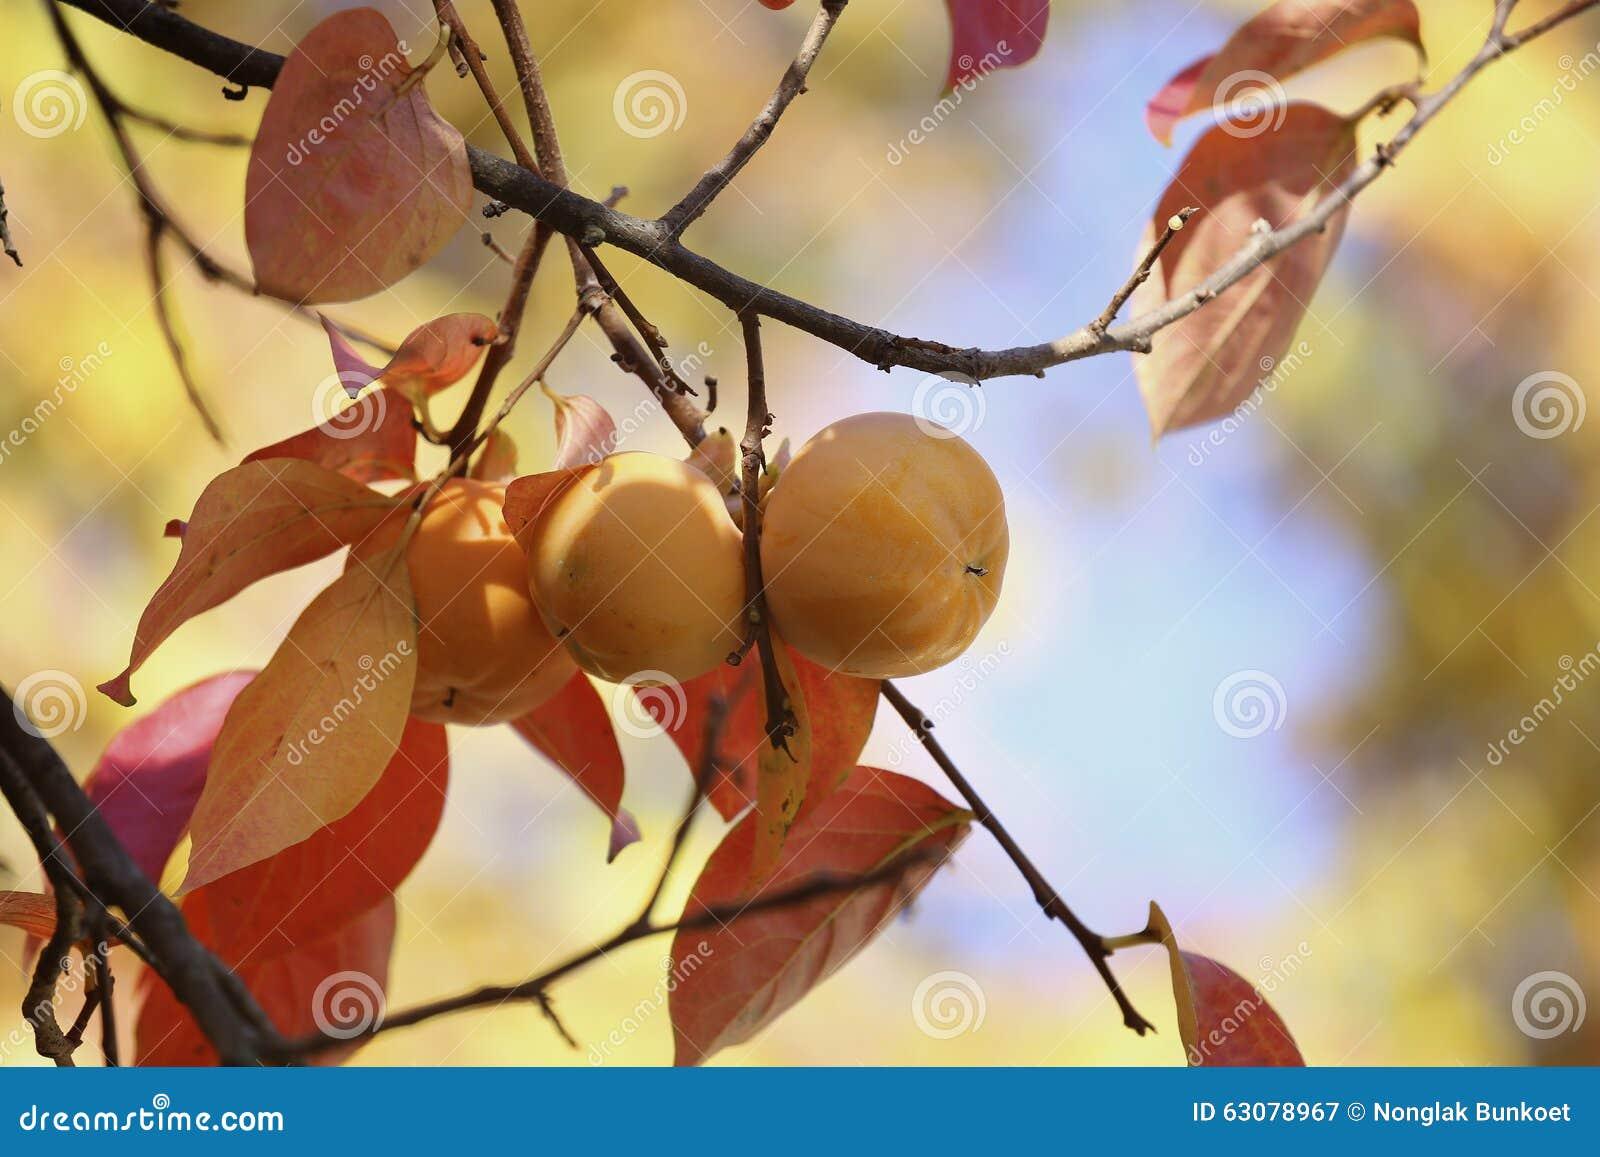 Download Kakis sur l'arbre image stock. Image du jaune, kaki, savoureux - 63078967